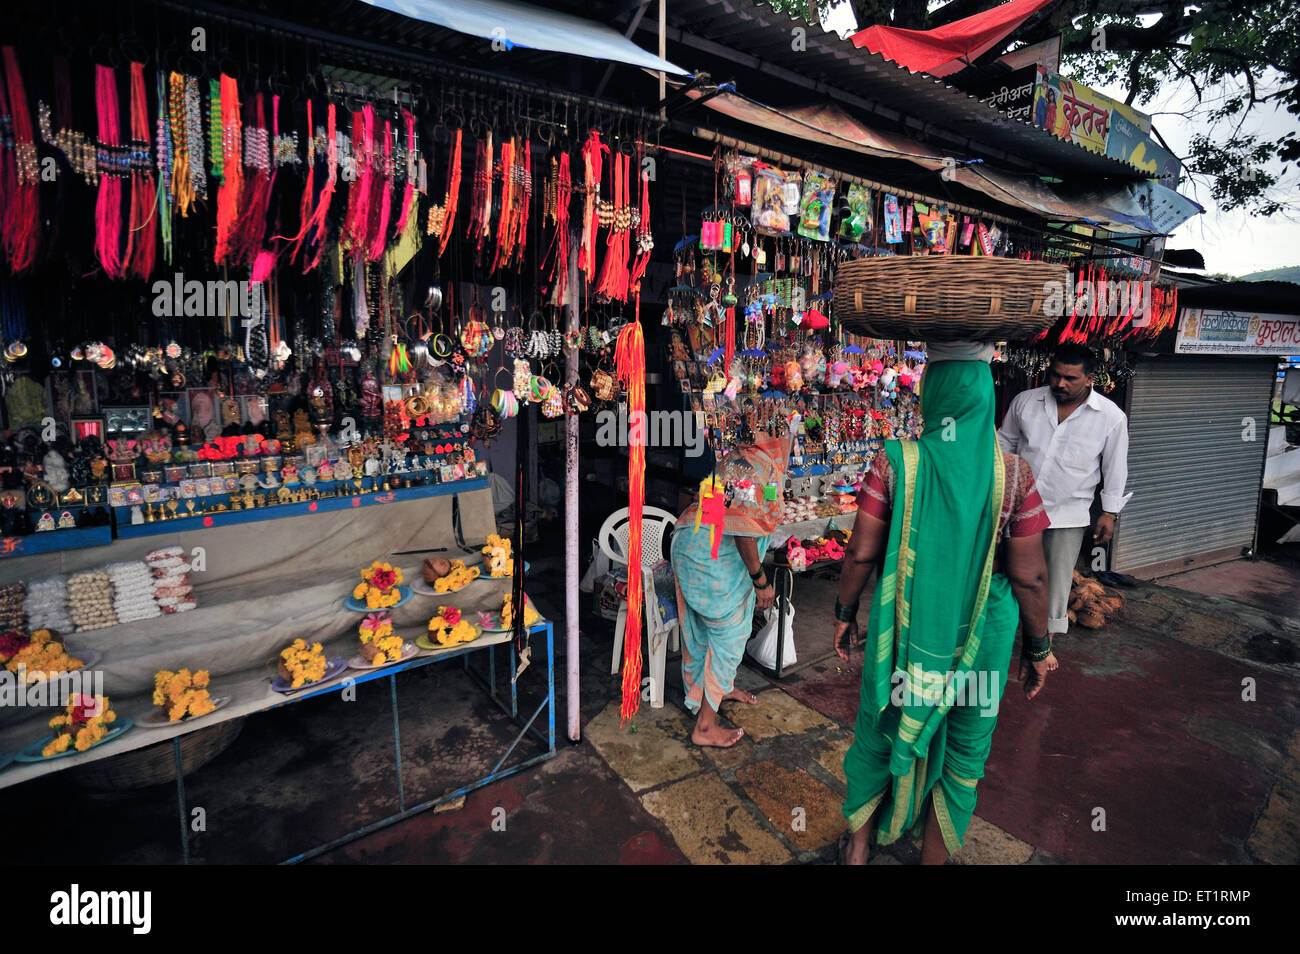 Shop of material for worship at samara Maharashtra India Asia - Stock Image